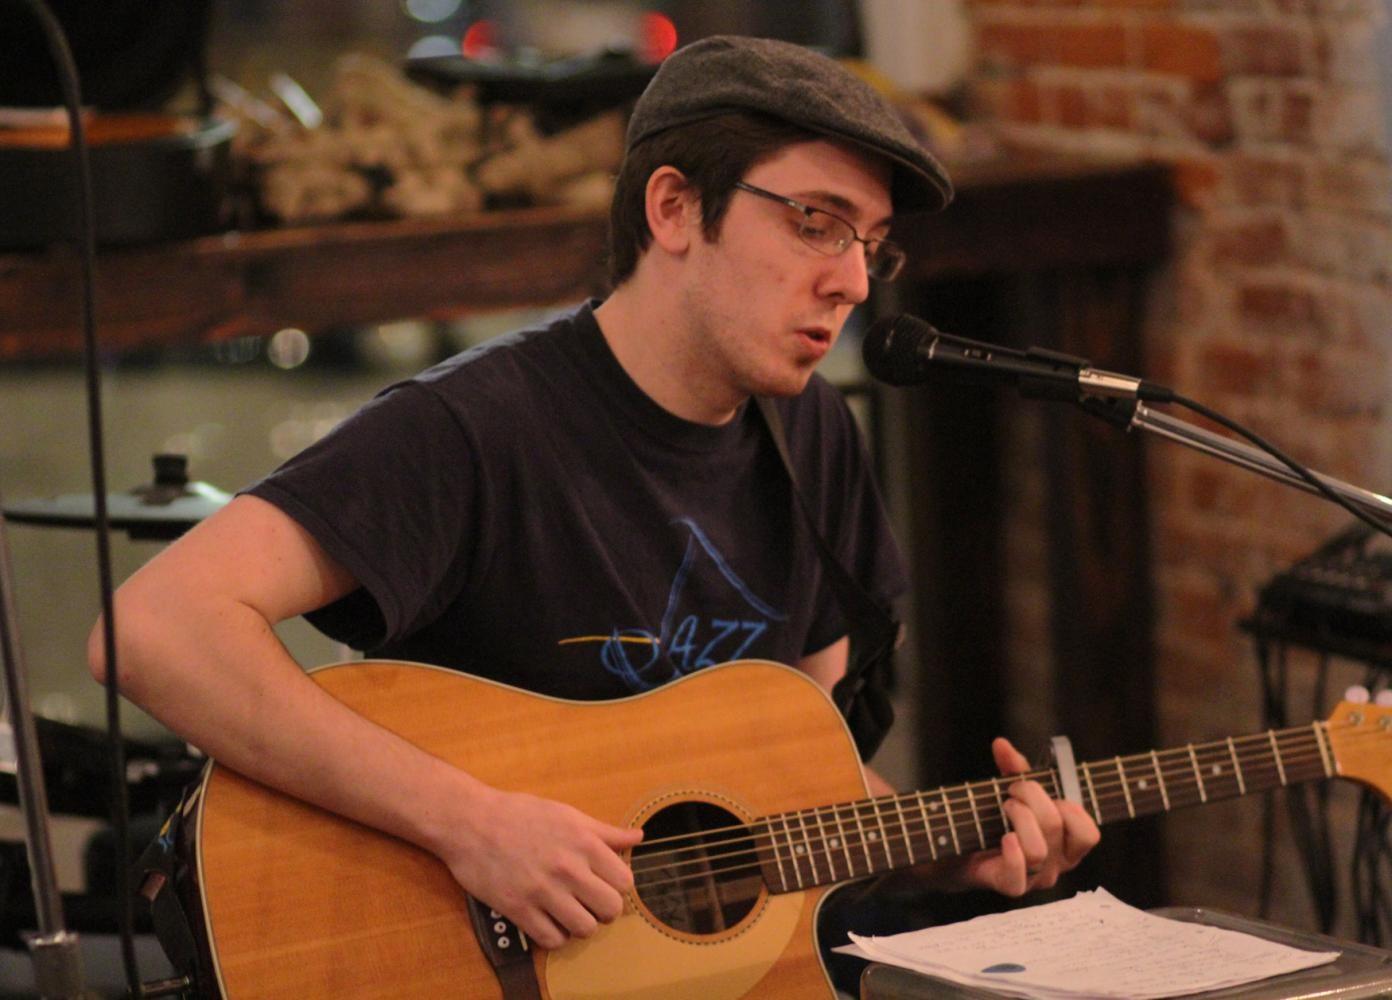 Brian Rebar performing at The Mason Jar's open mic night